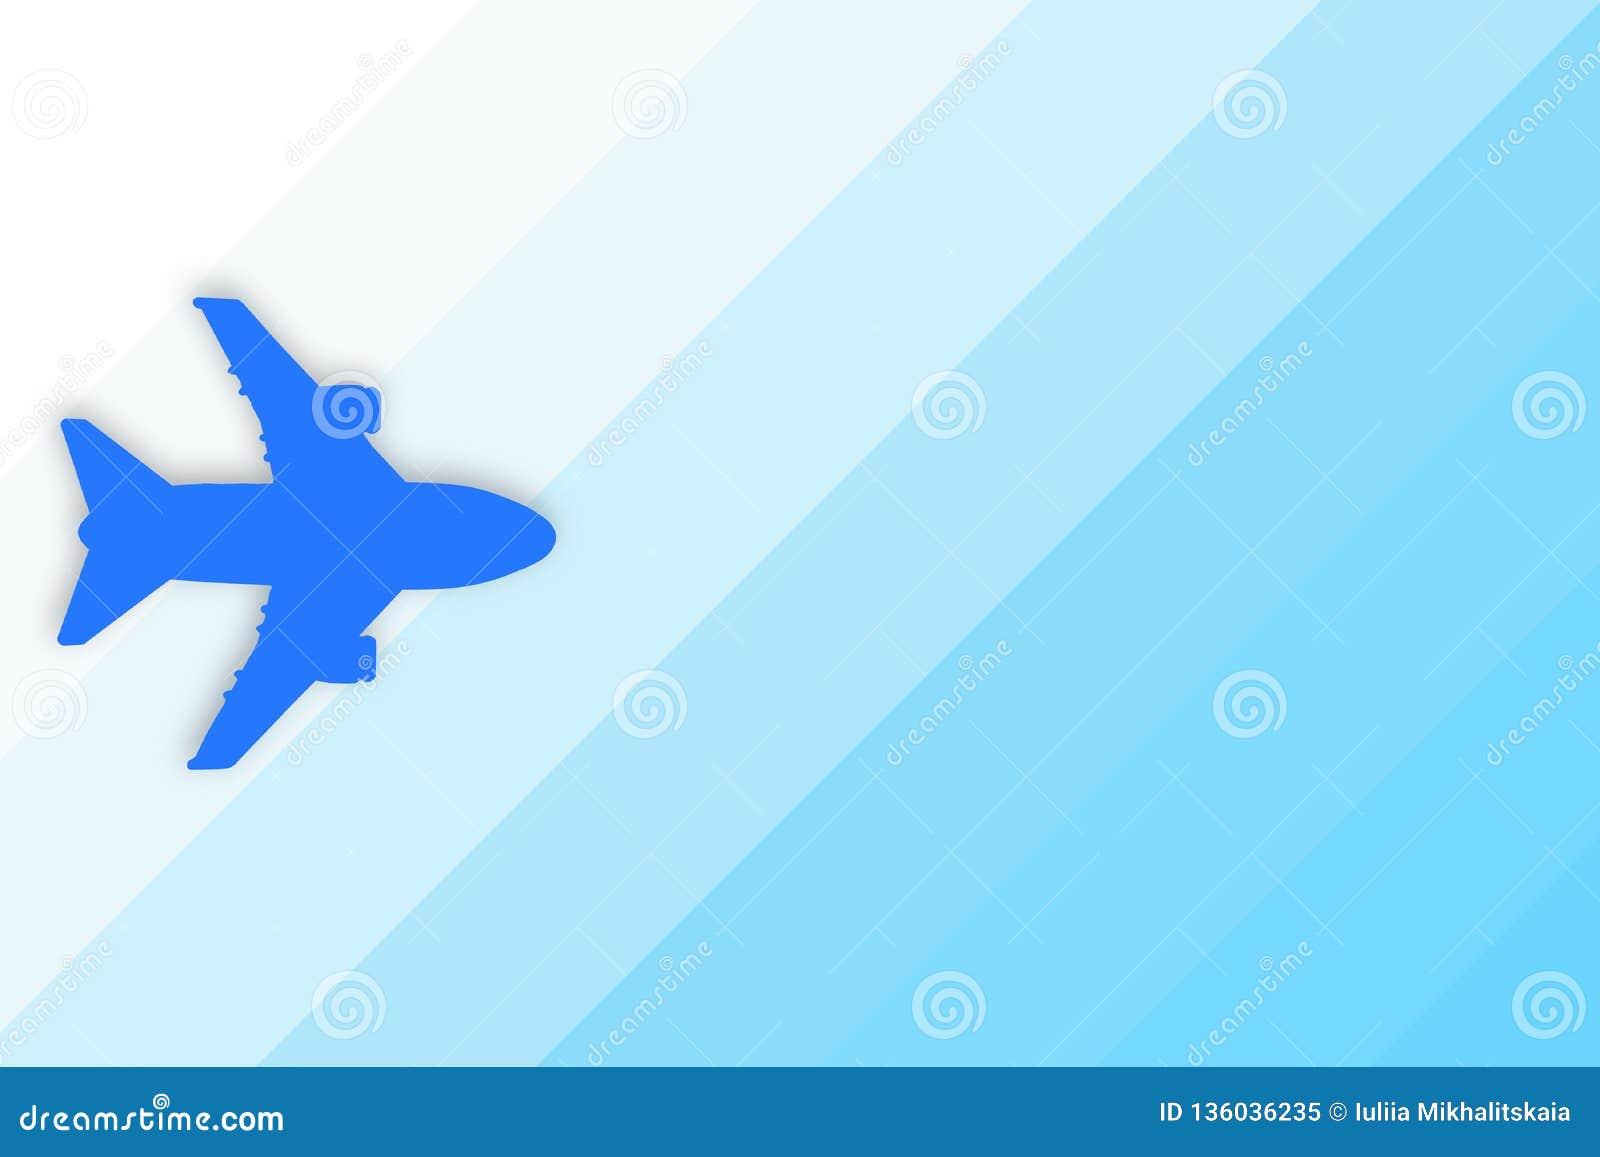 Silueta azul del avión en fondo azul de la pendiente con el espacio de la copia Concepto del viaje, del viaje y del vuelo